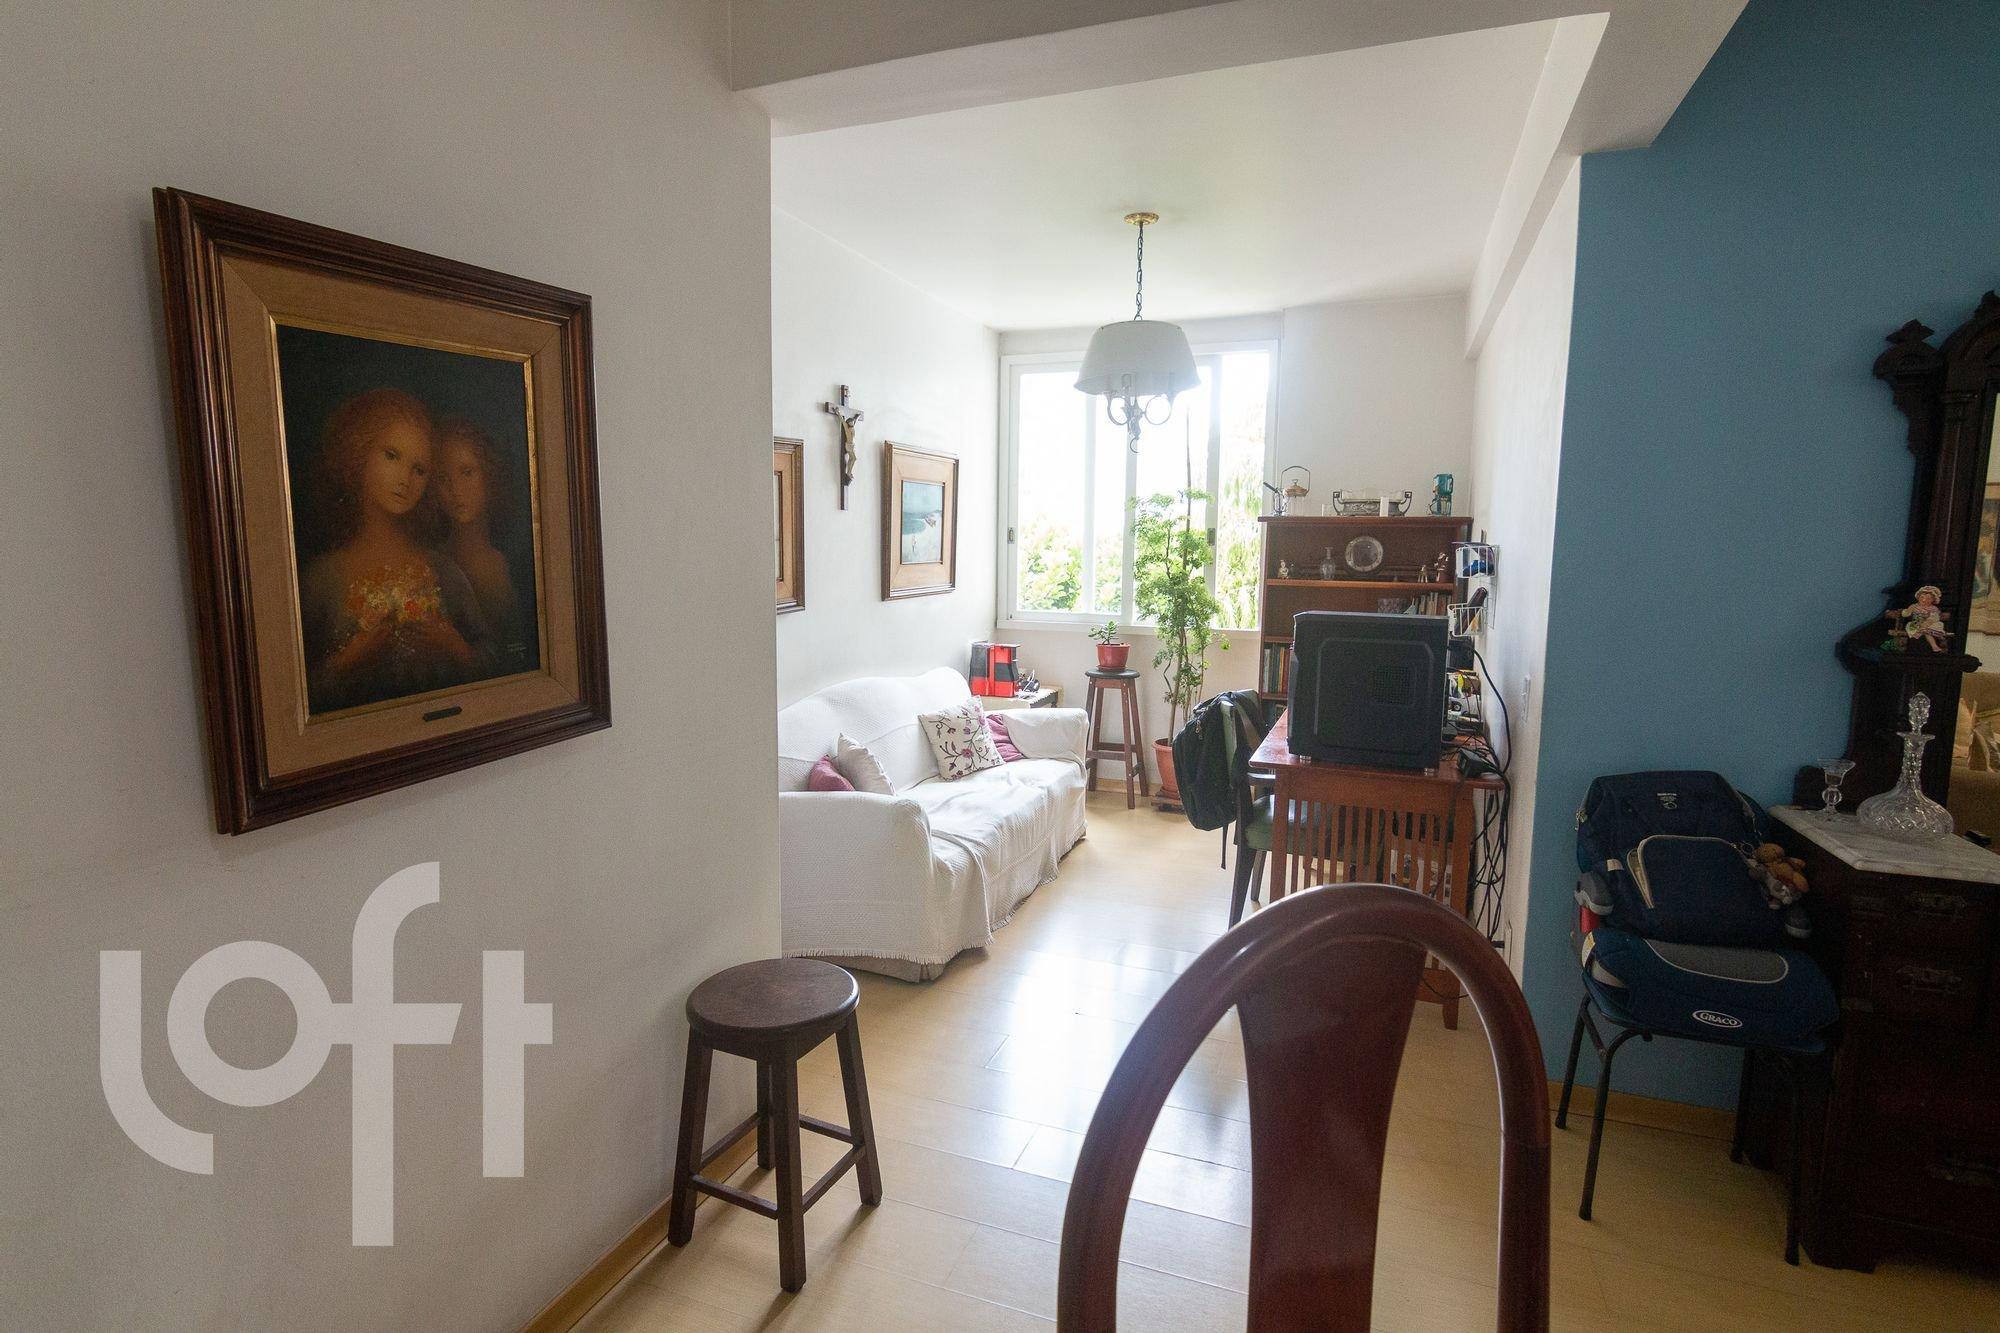 Foto de Quarto com vaso de planta, sofá, televisão, vaso, cadeira